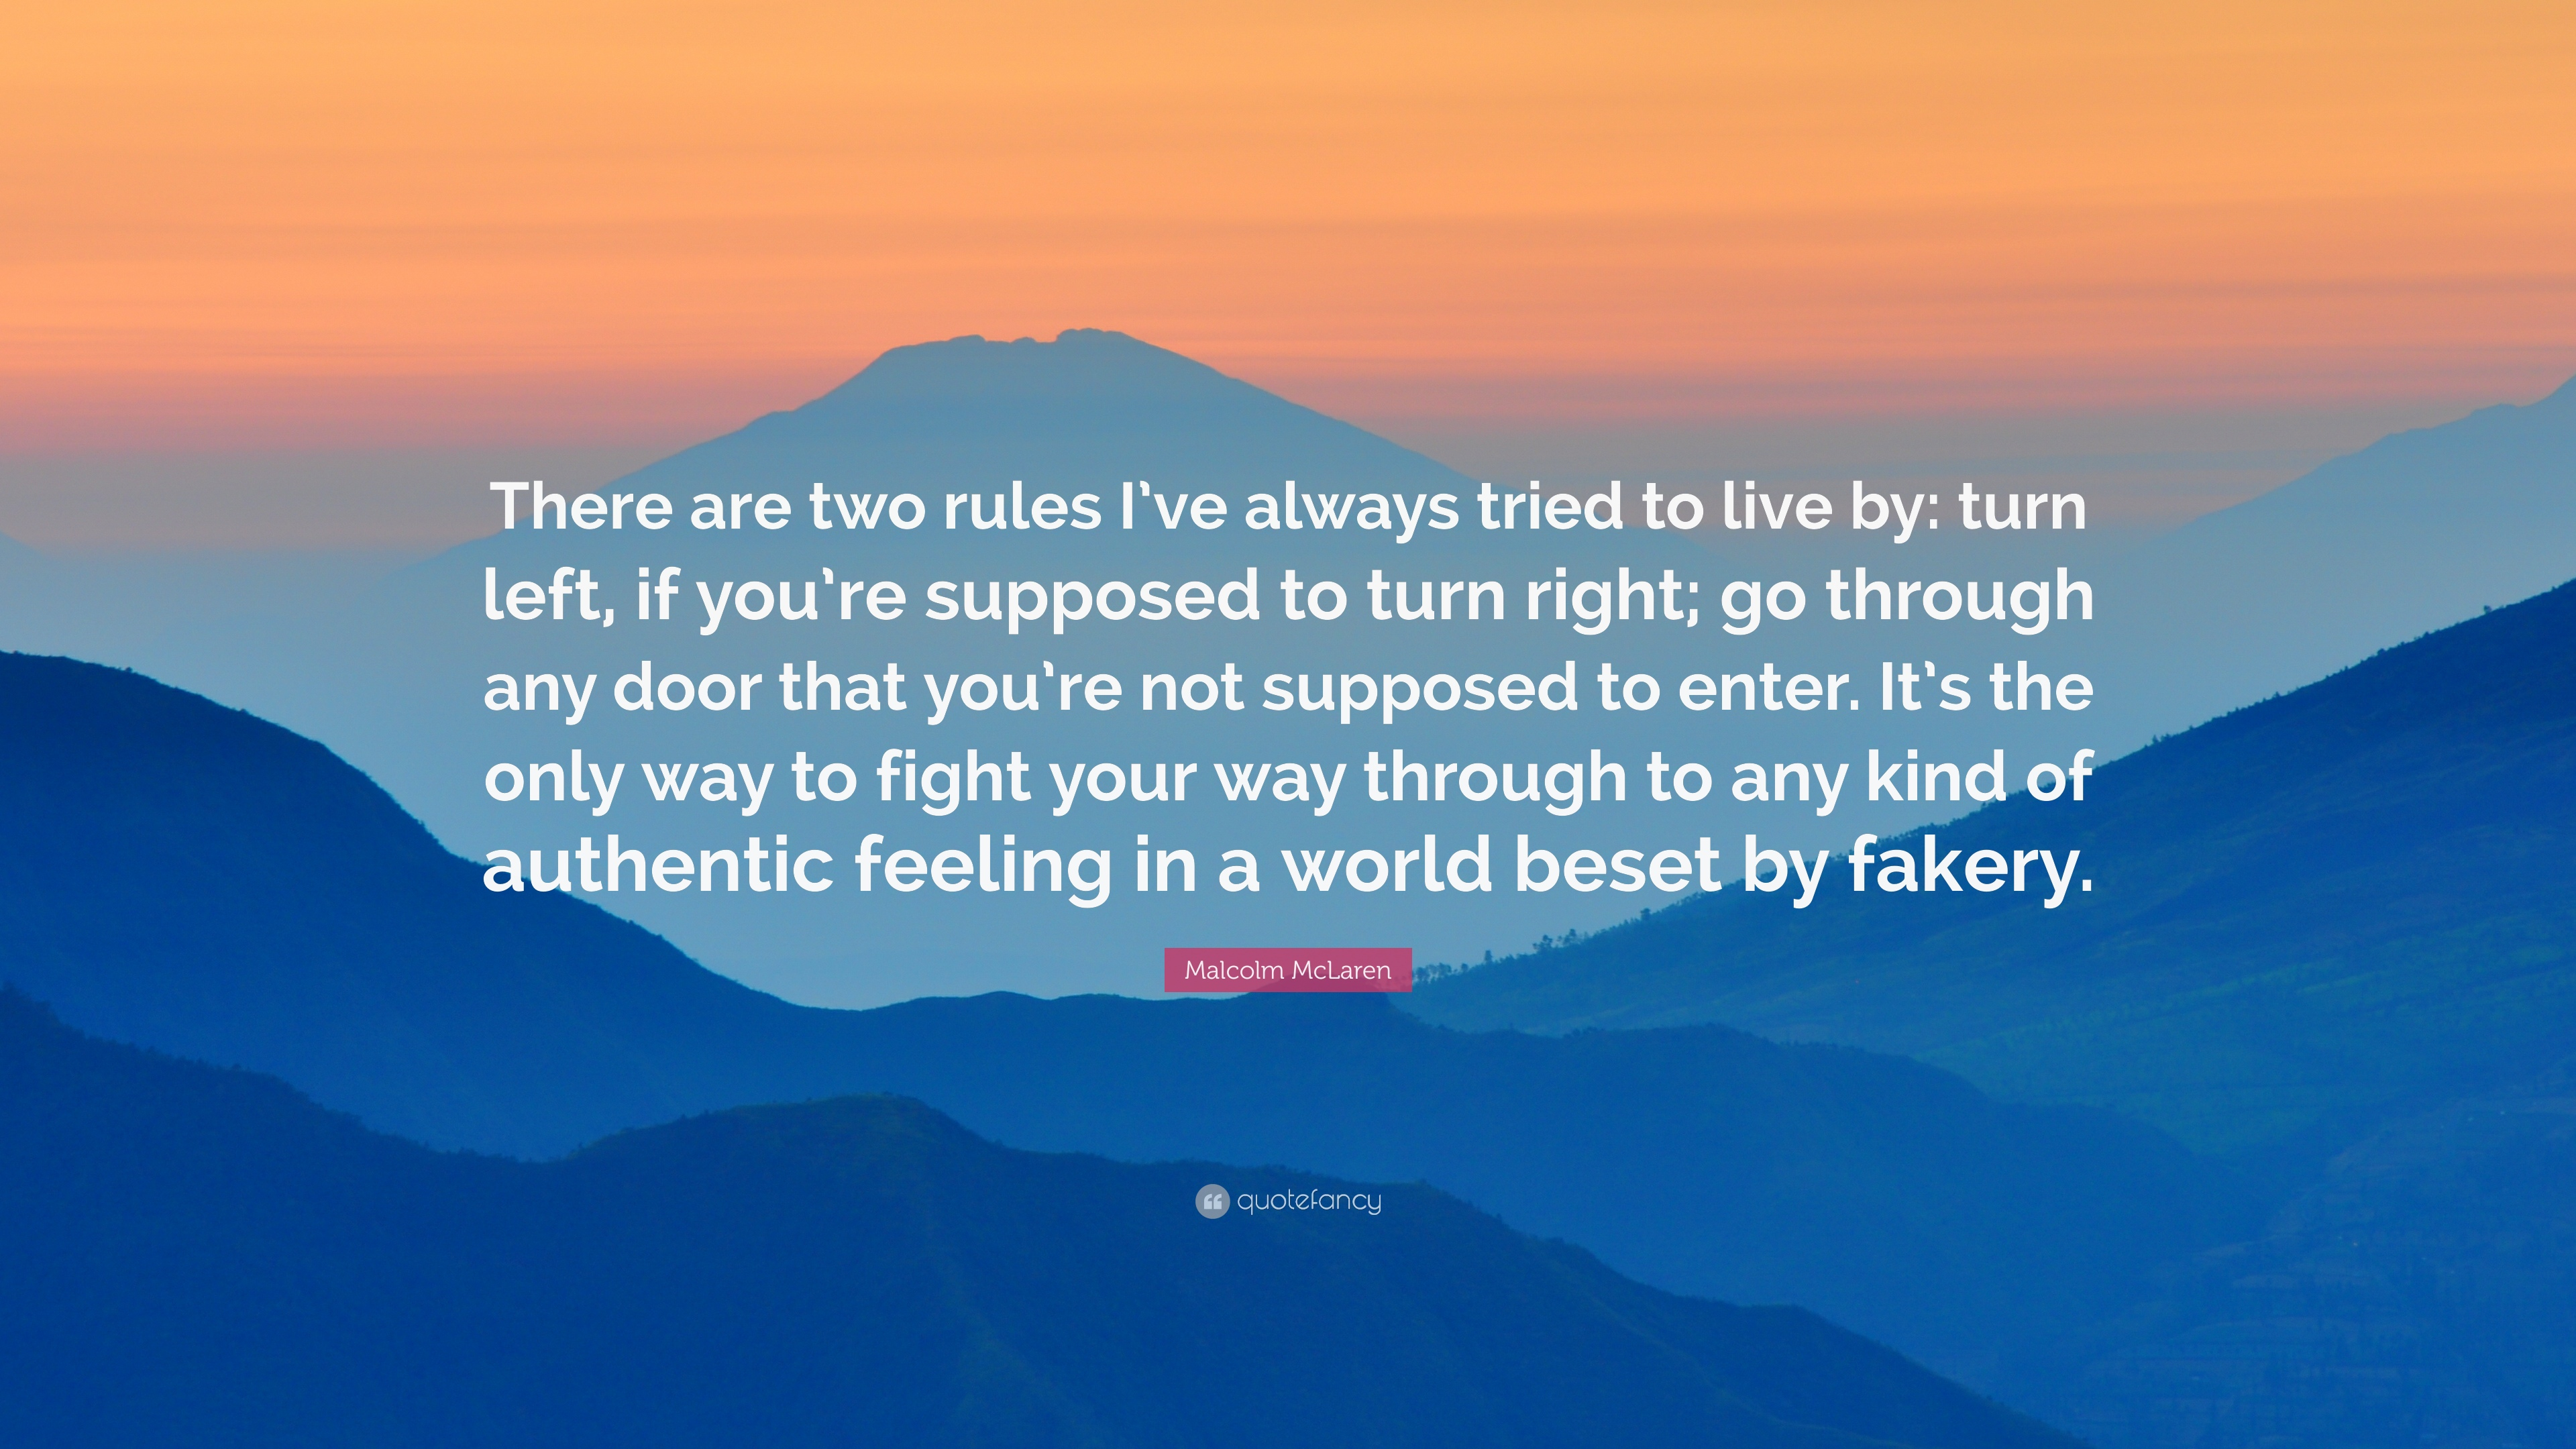 Malcolm McLaren Quotes (25 wallpapers) - Quotefancy